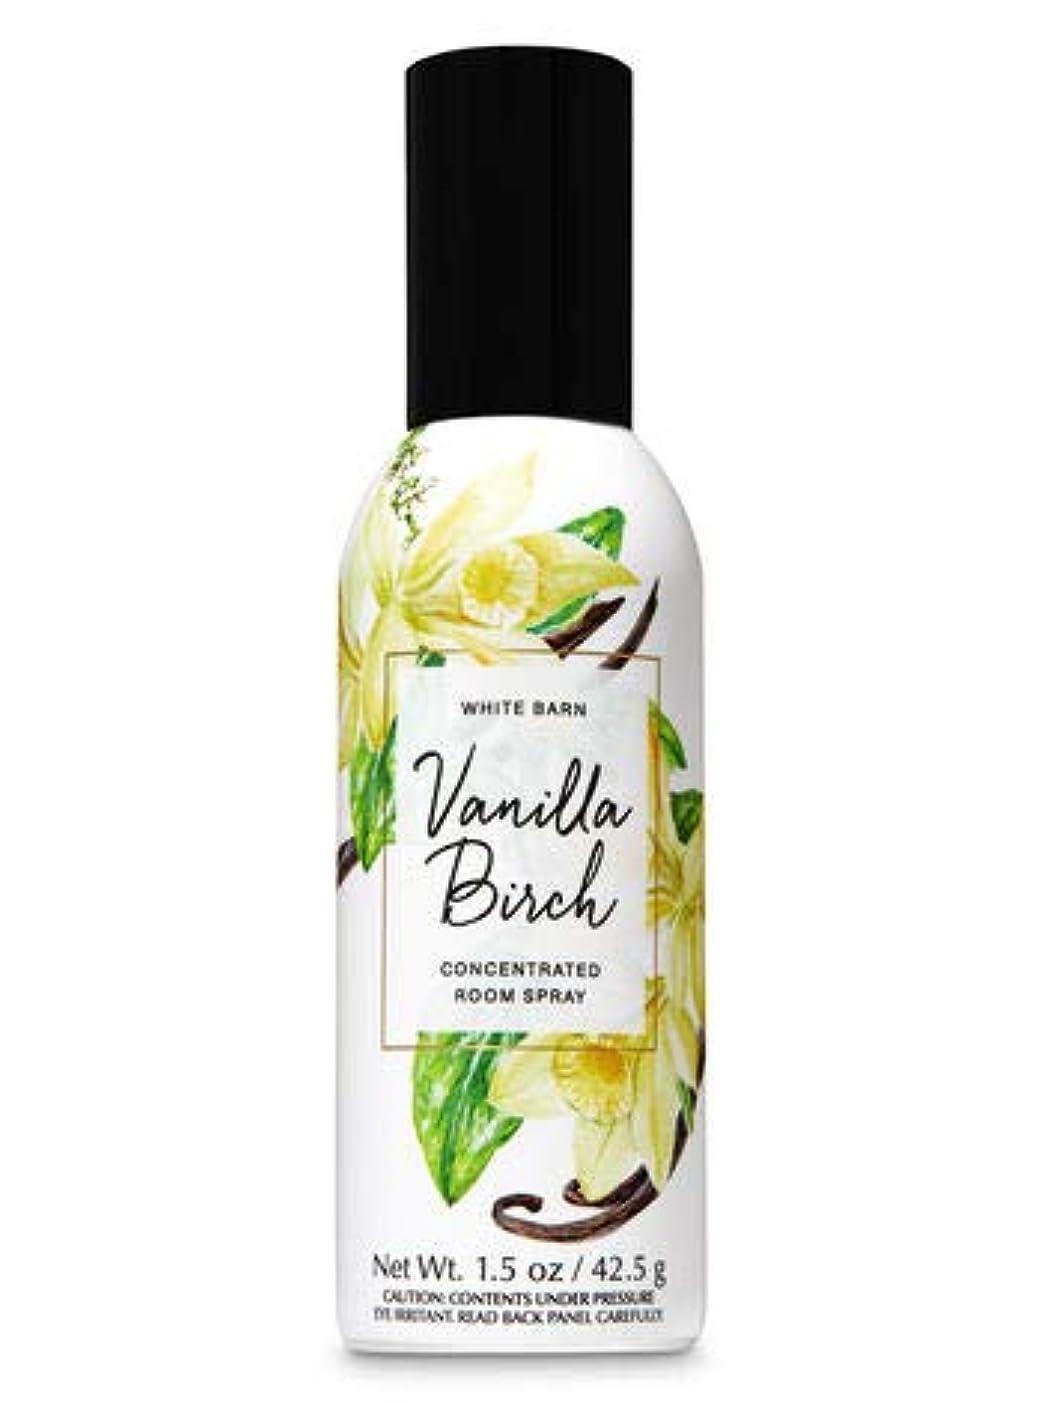 硬さ通信網気づくなる【Bath&Body Works/バス&ボディワークス】 ルームスプレー バニラバーチ 1.5 oz. Concentrated Room Spray/Room Perfume Vanilla Birch [並行輸入品]